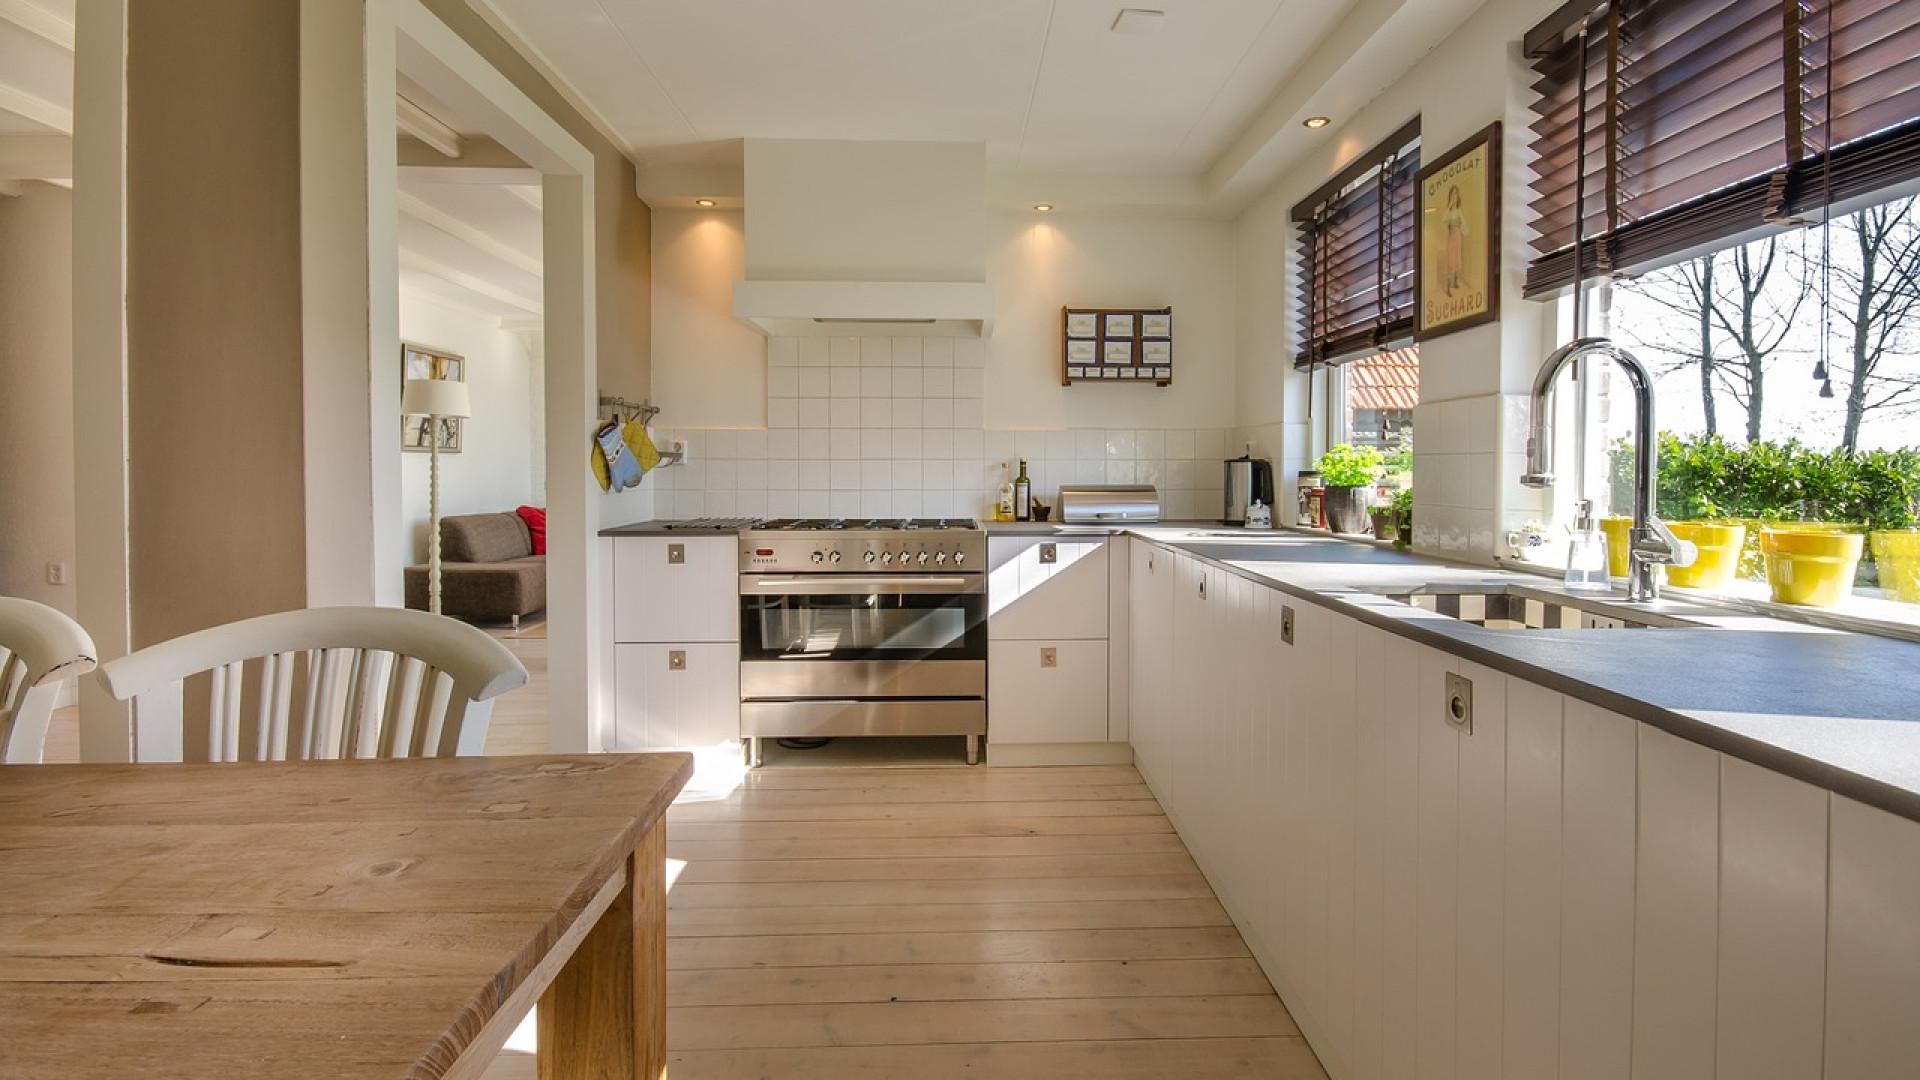 Comment prévenir efficacement la dégradation d'une cuisine ?